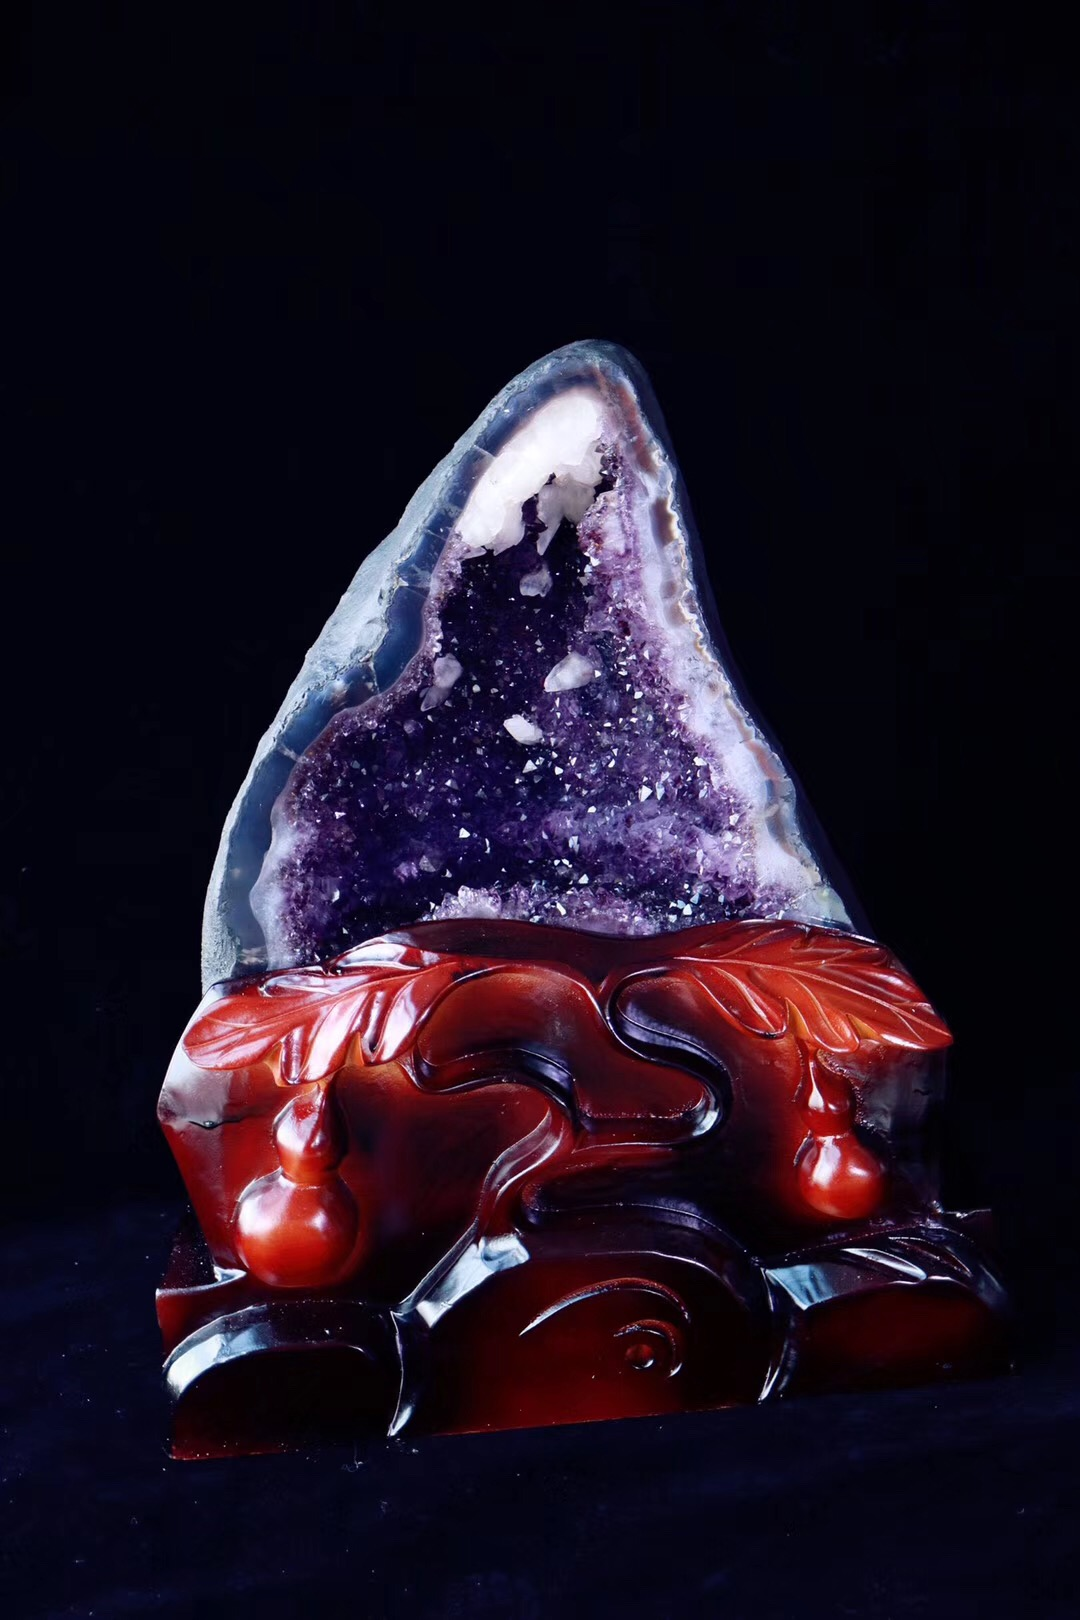 【菩心 | 紫晶洞】将紫晶洞放在财位方,可以吸收财气-菩心晶舍